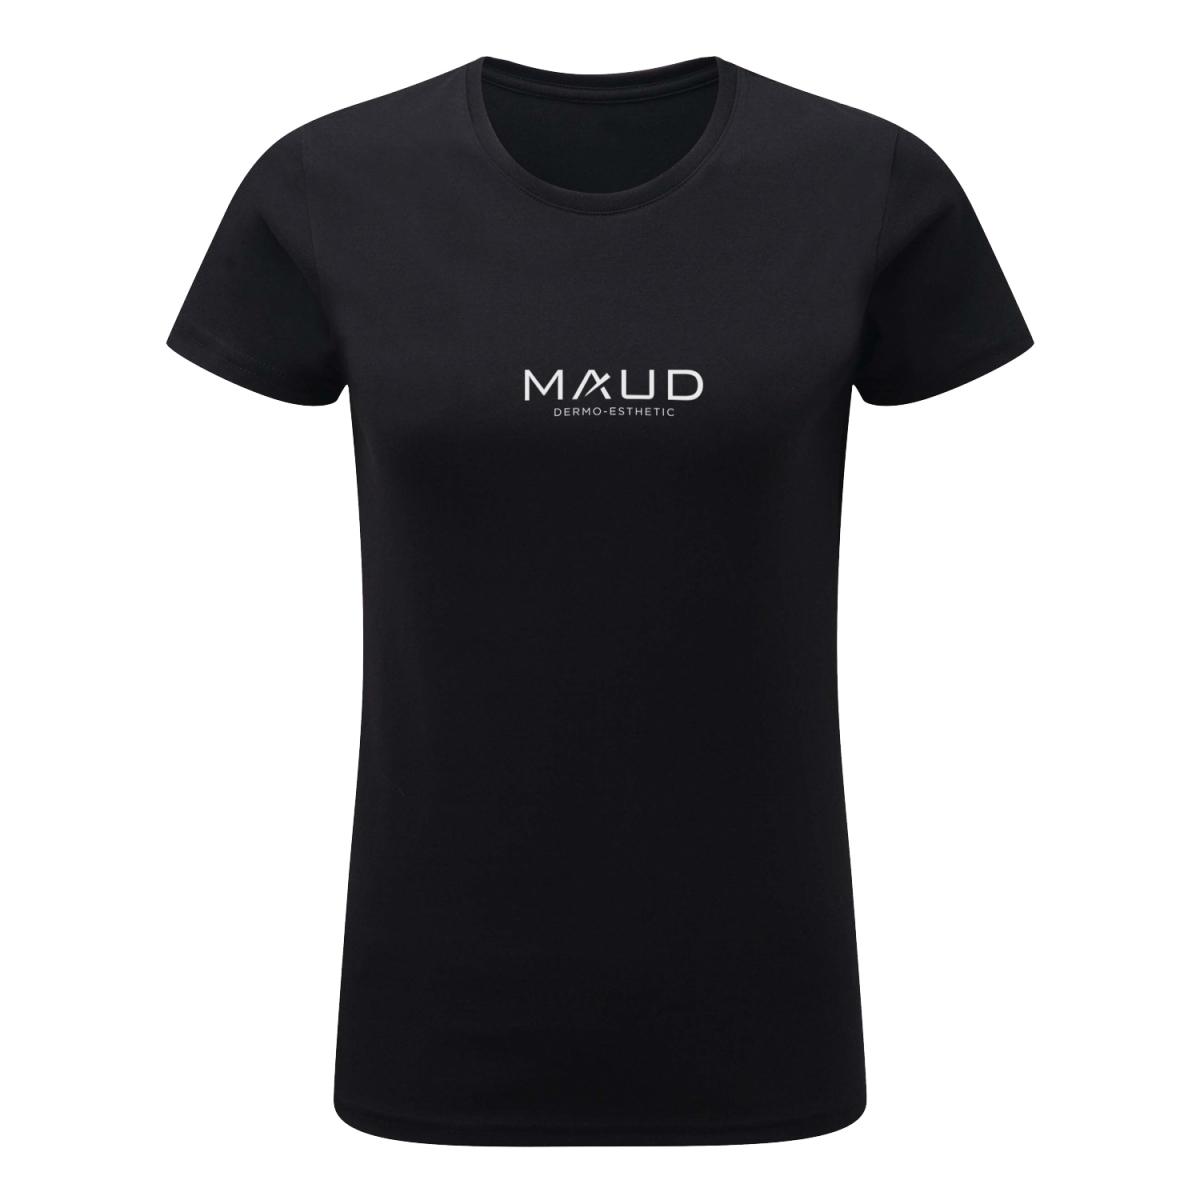 VETEMENTS - MAUD PROFESSIONAL SHOP - T-SHIRT MAUD DERMO-ESTHETIC FEMME NOIR